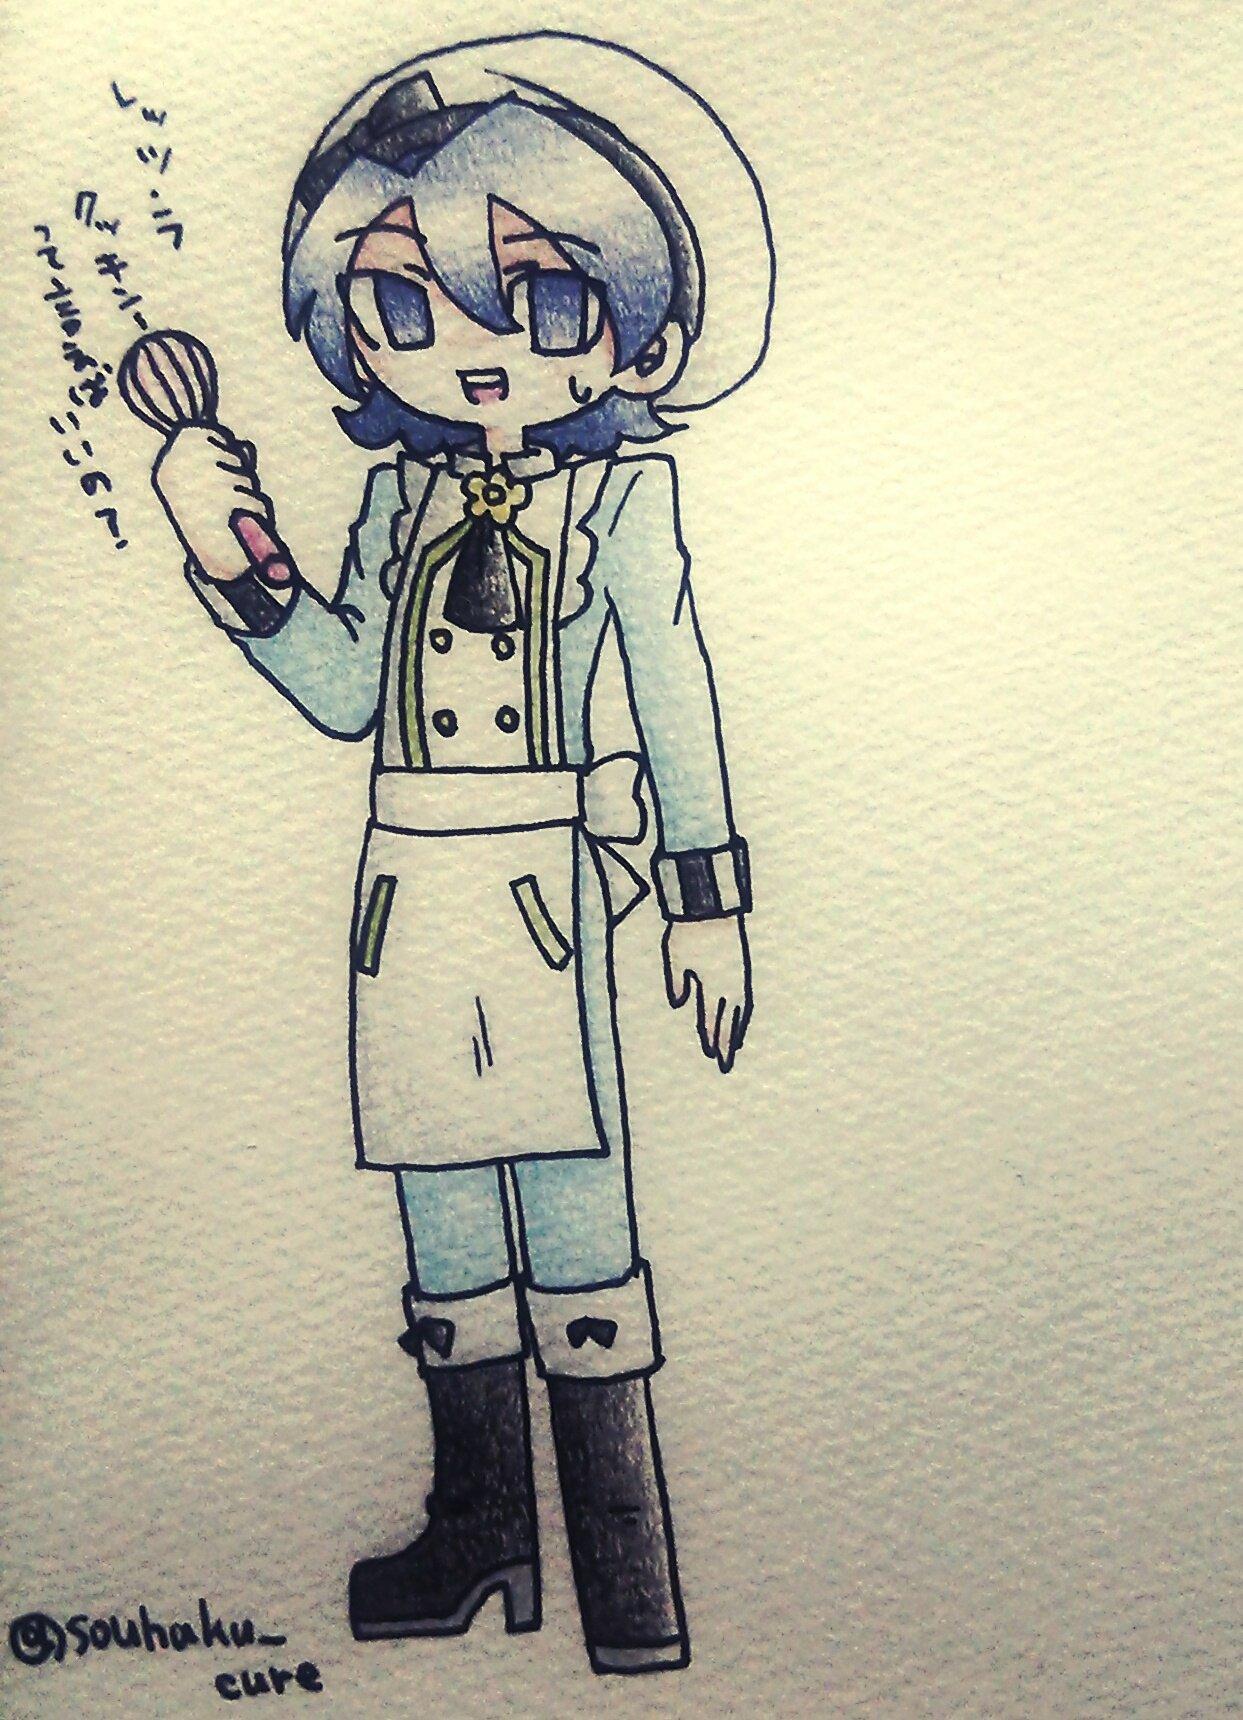 創白水晶🍪キュア垢 (@souhaku_cure)さんのイラスト